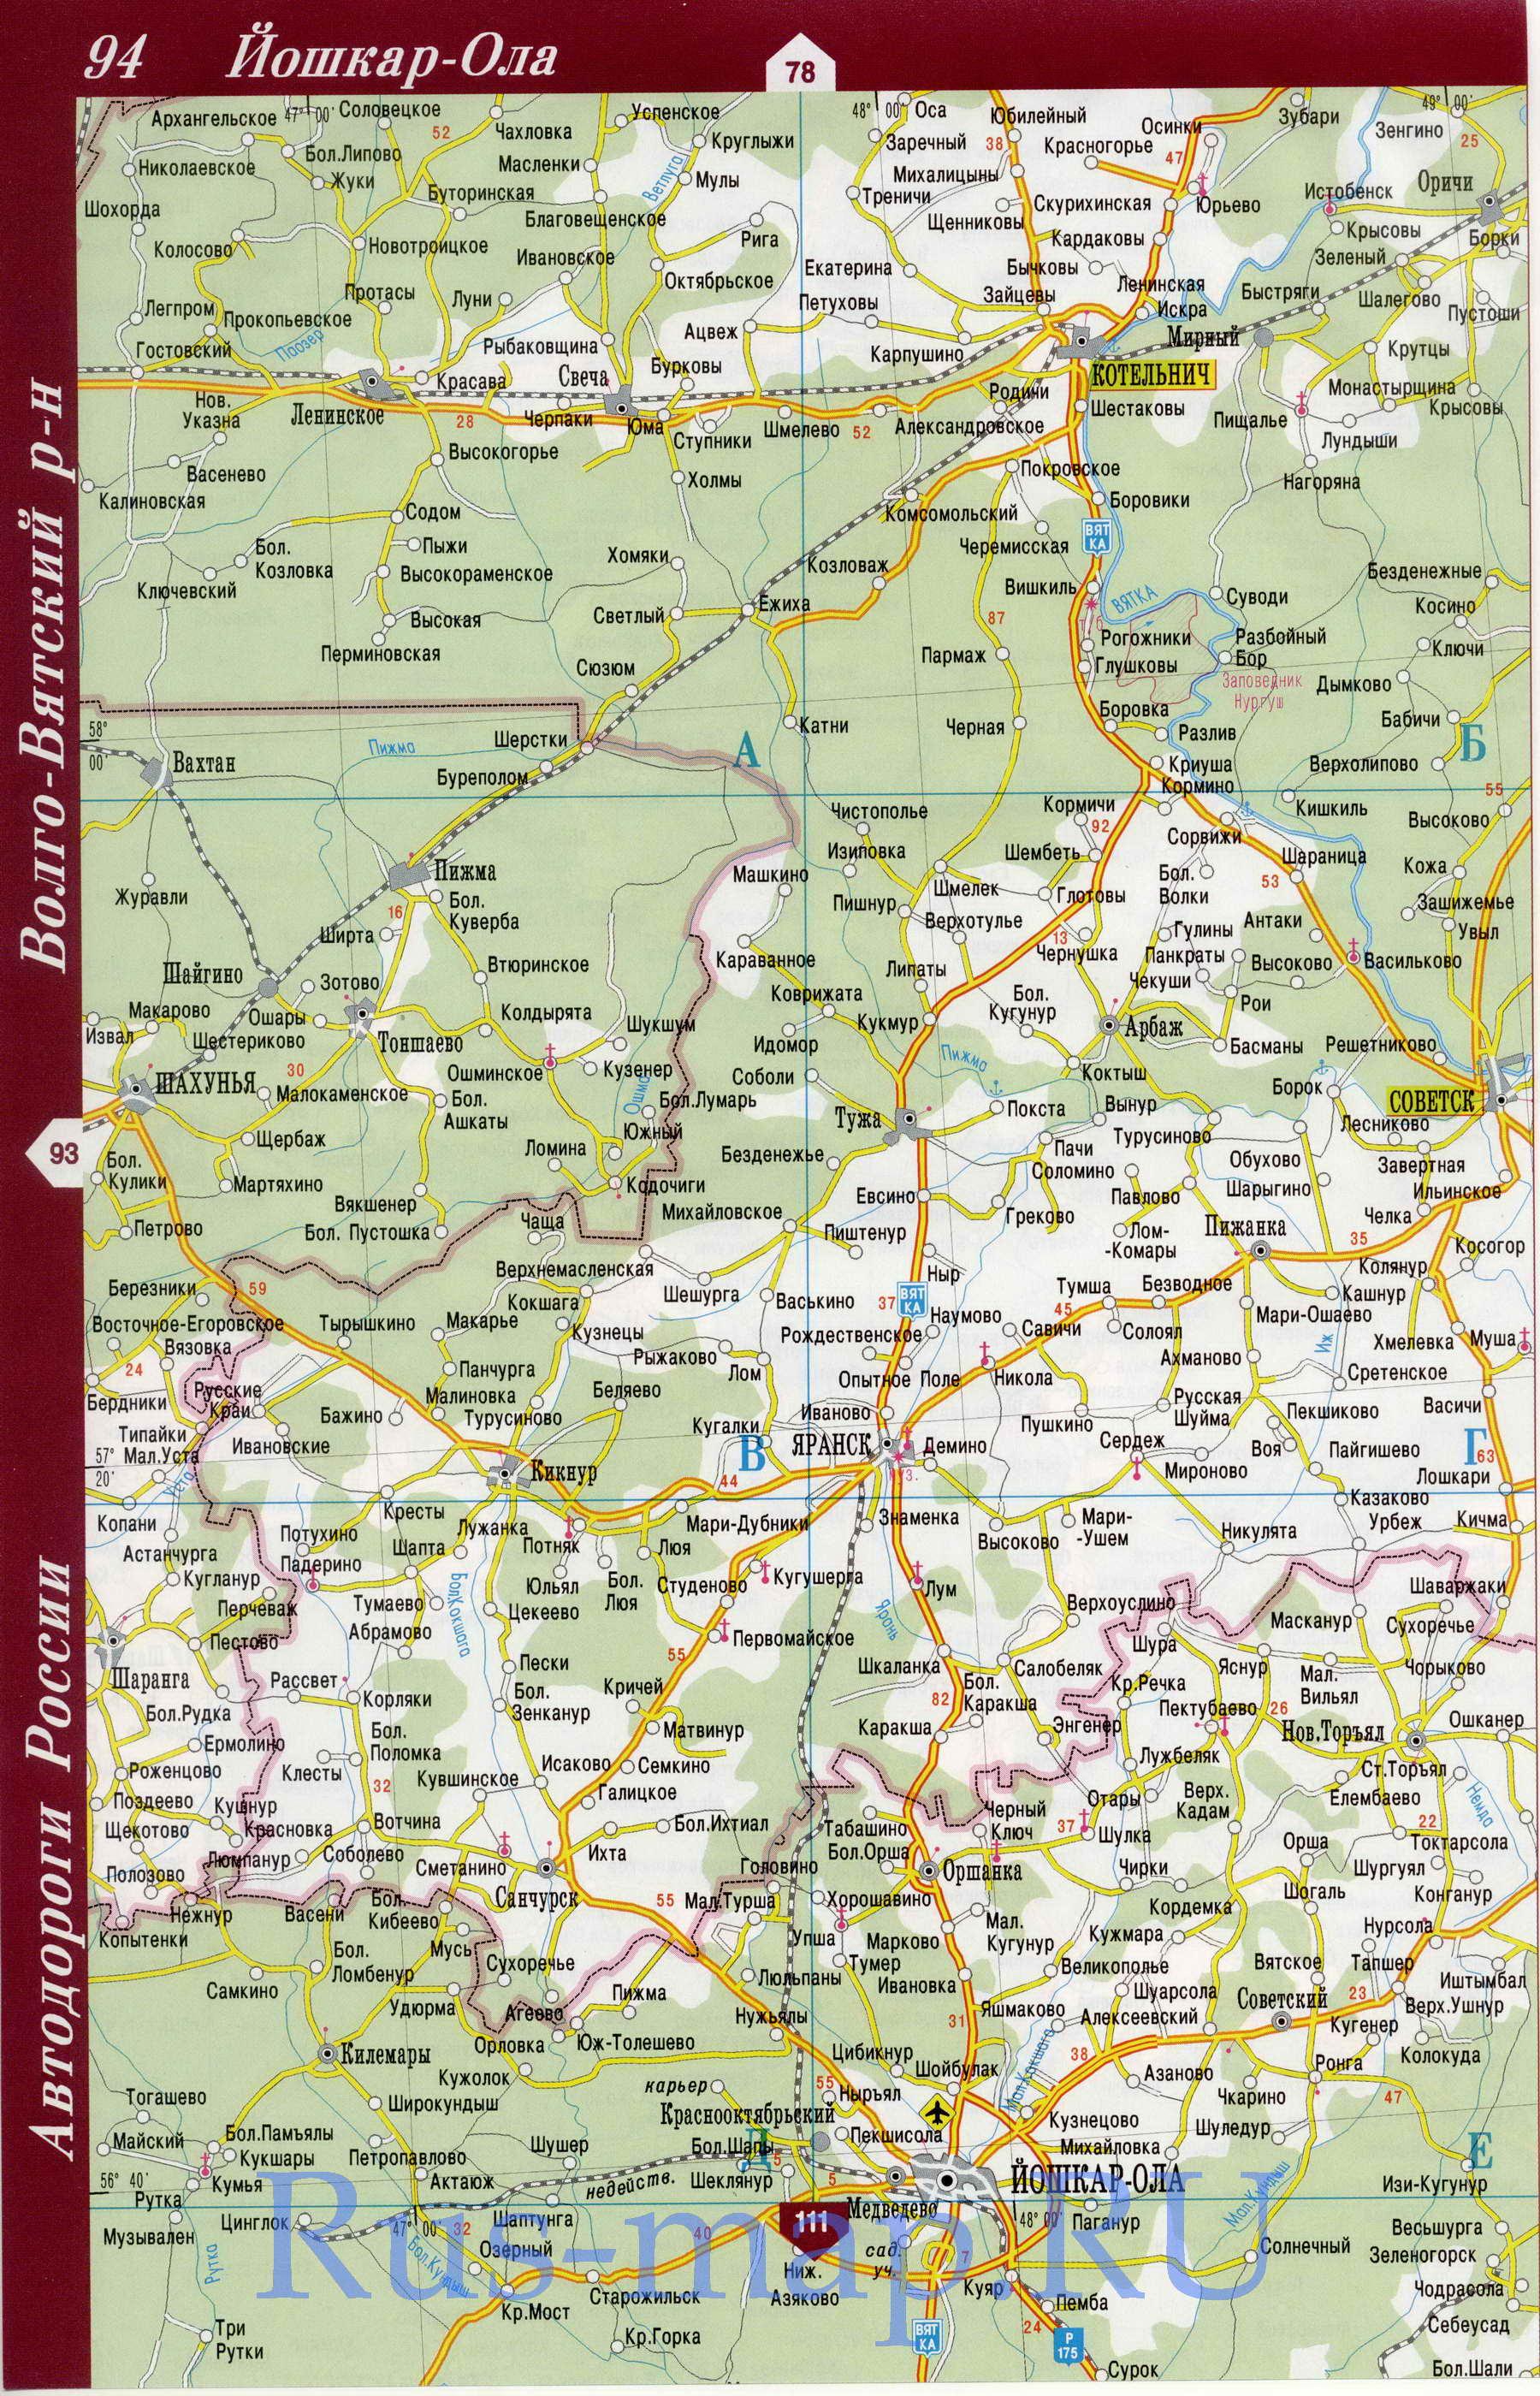 Кировская область на карте картинки